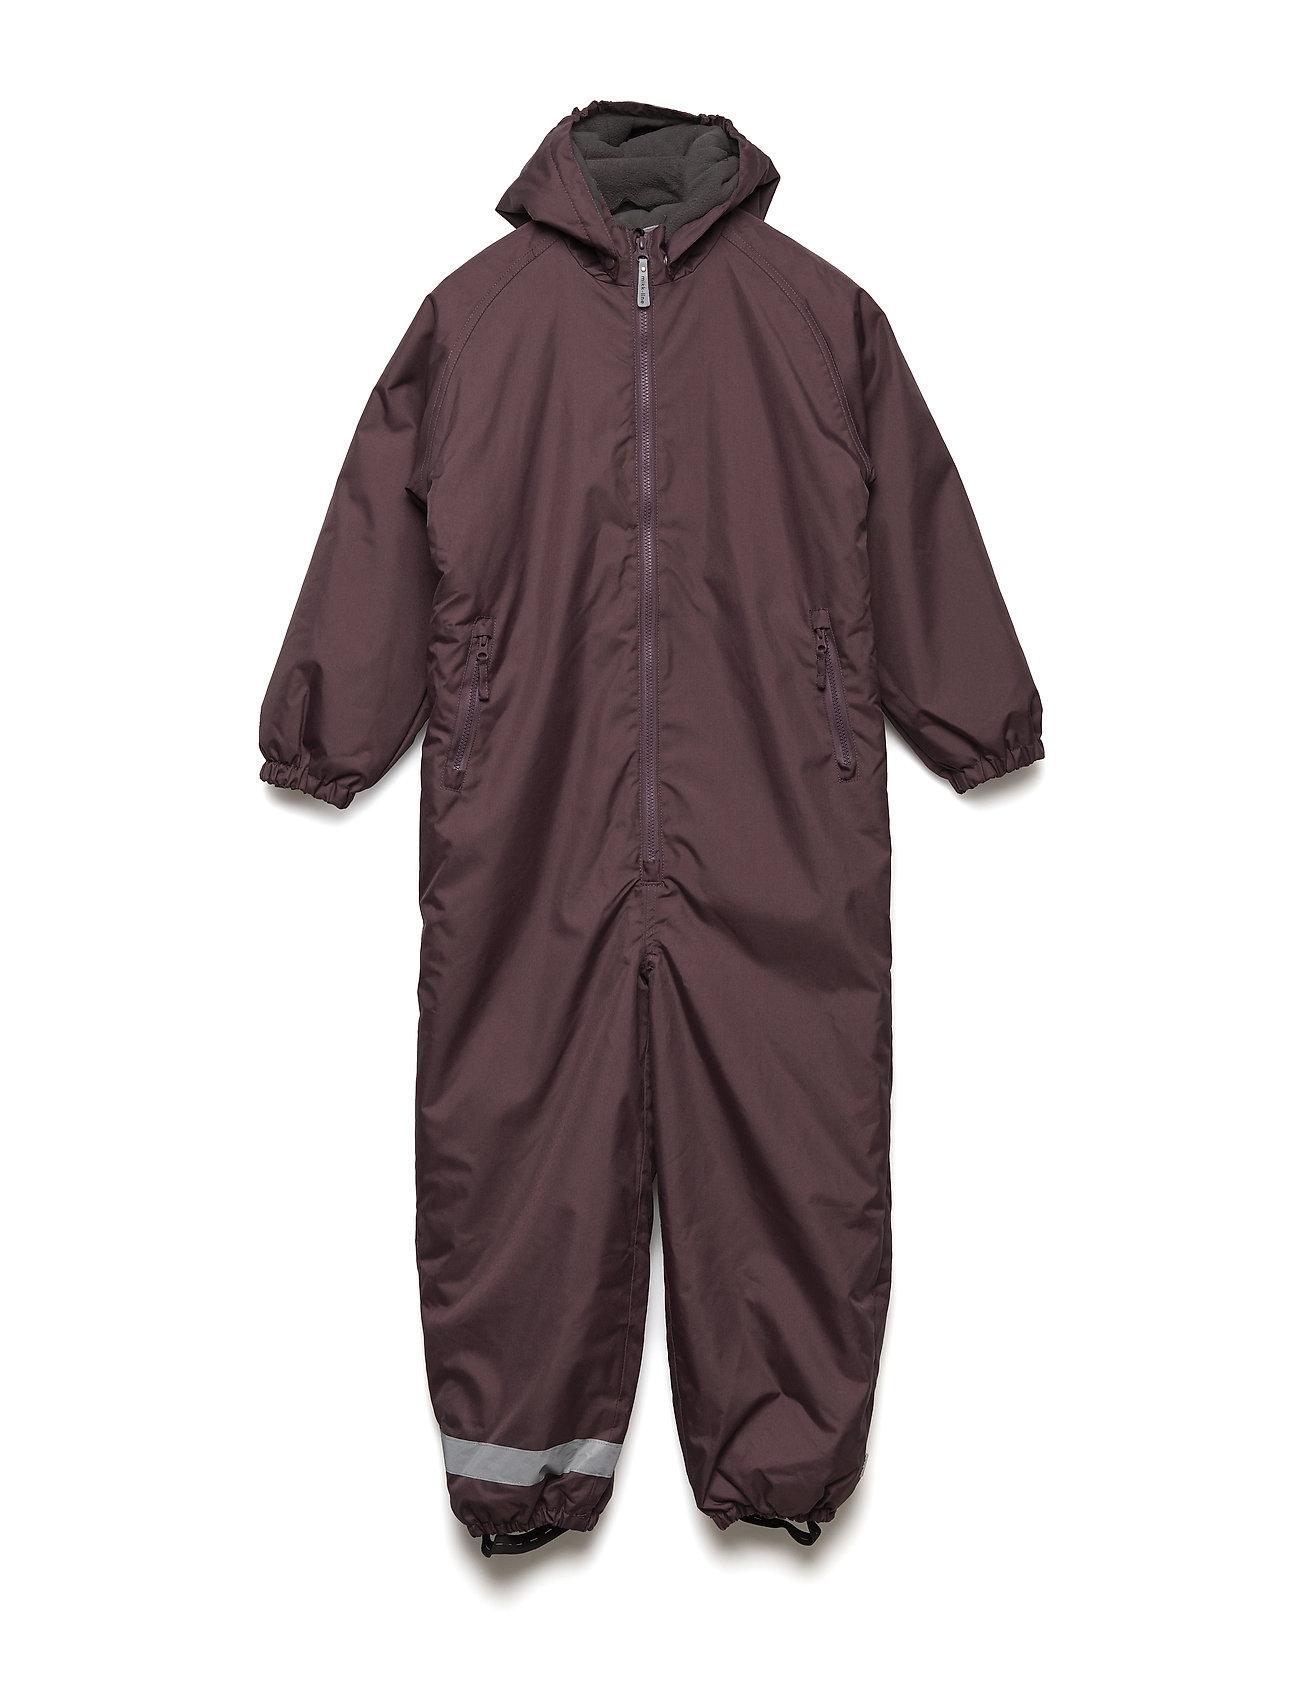 Mikk-Line WINTER suit - FLINT